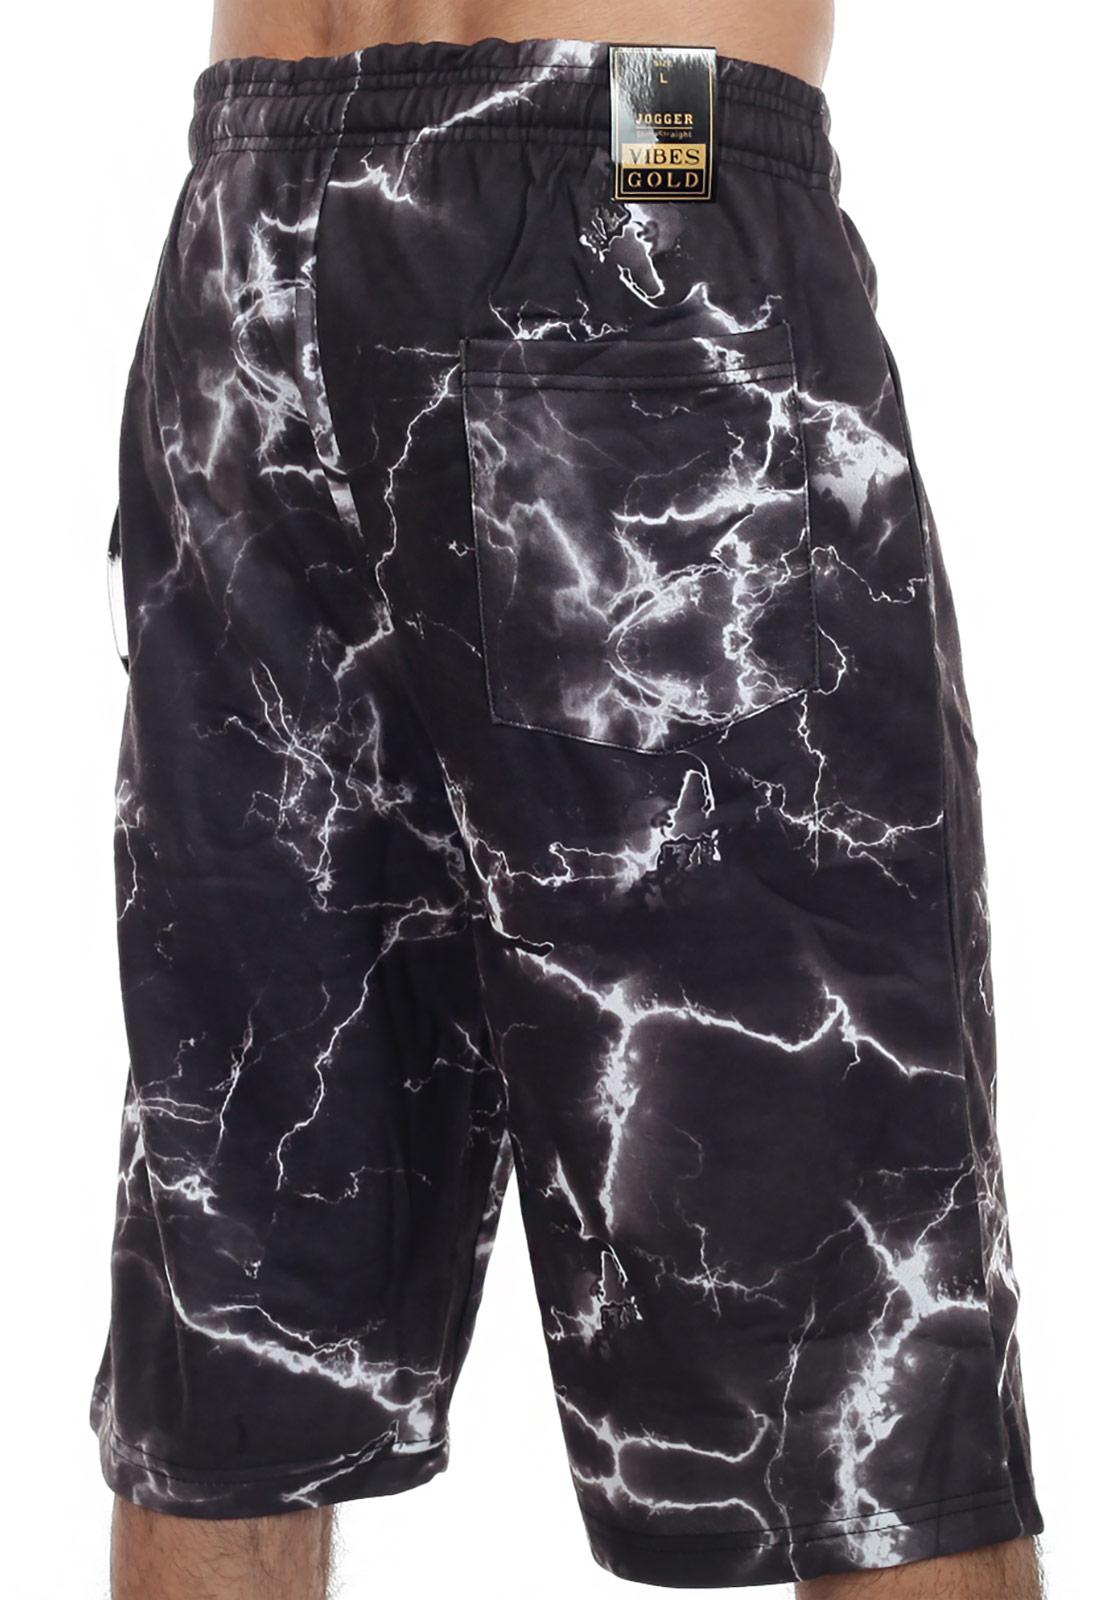 Недорогие флисовые шорты с карманами – хит продаж от Vibes Gold Jogger